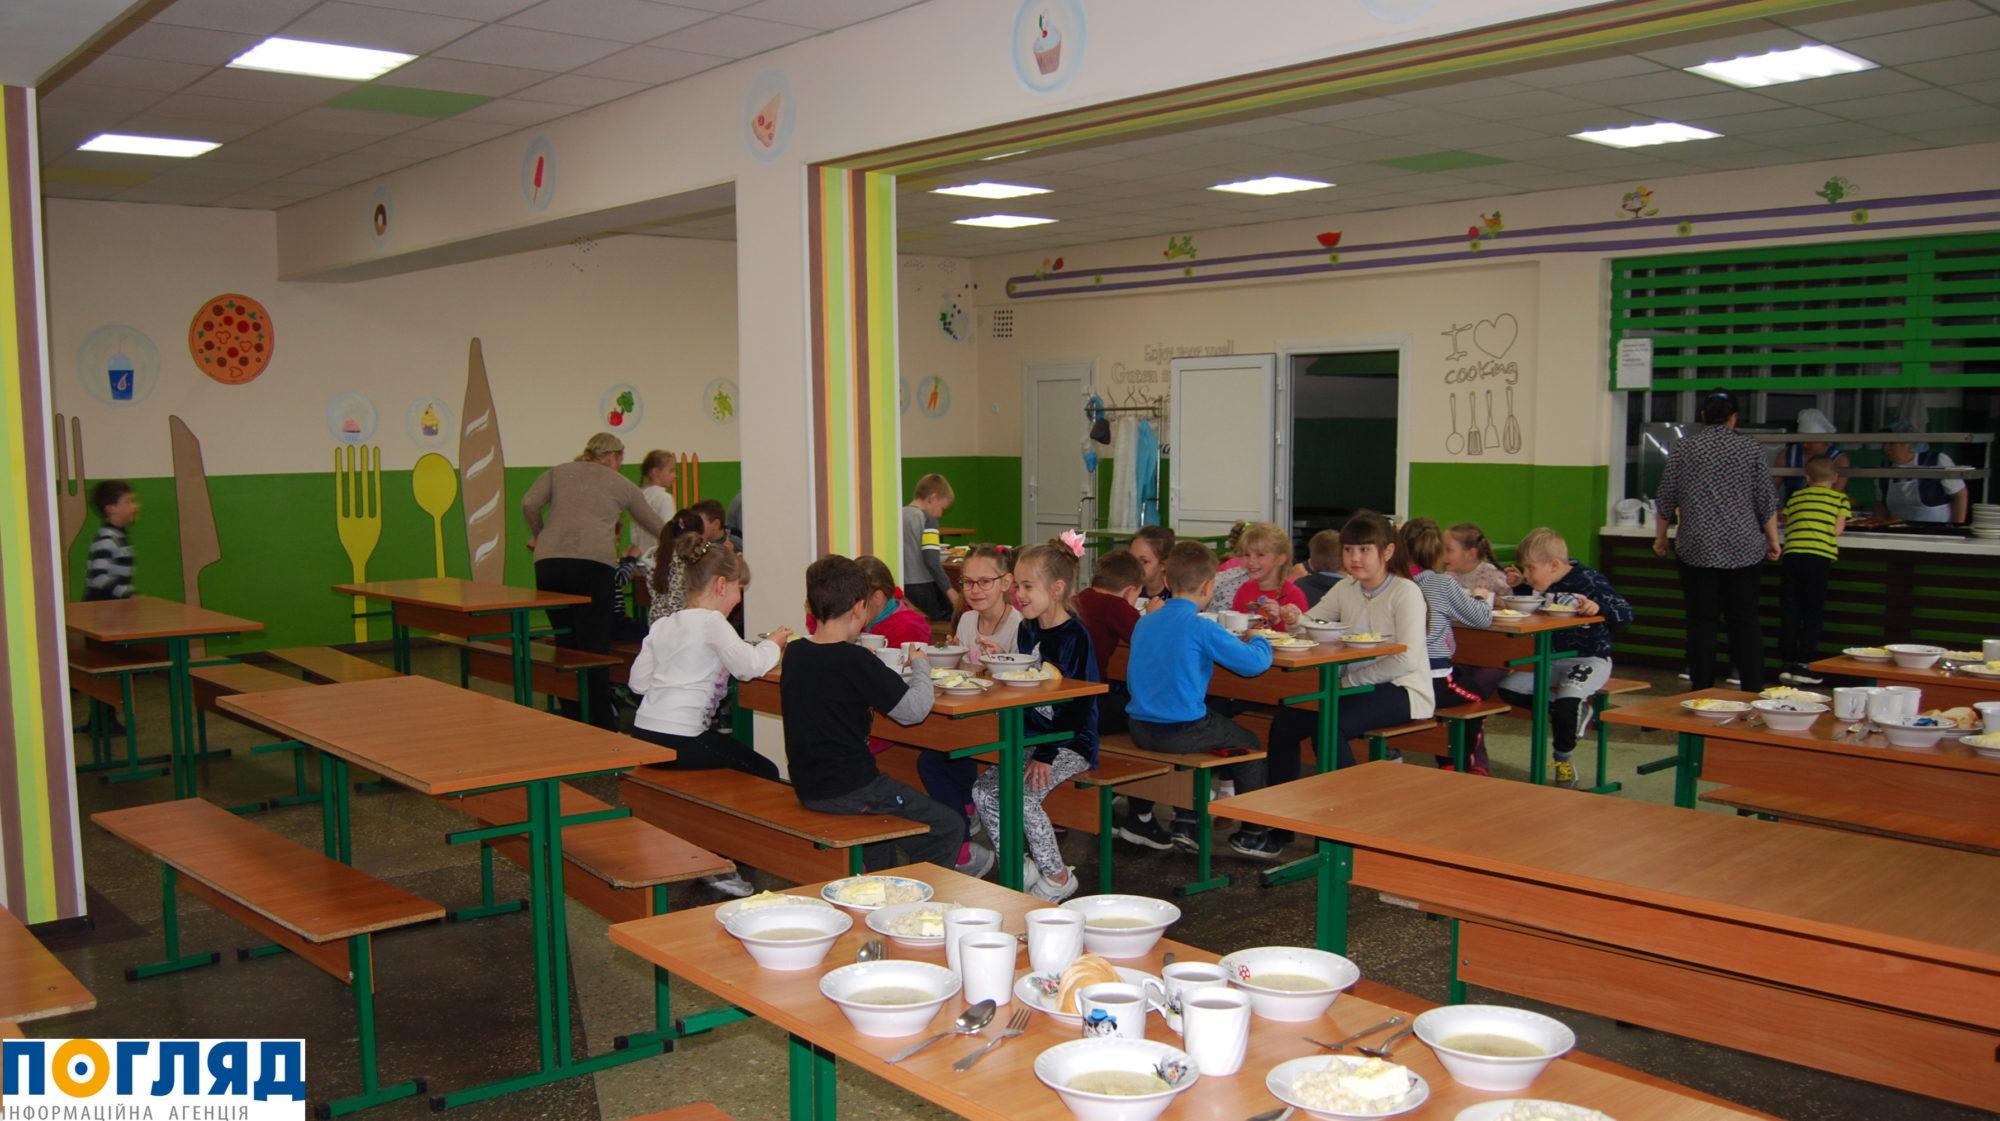 Школи Київщини візьмуть участь у пілотному проєкті впровадження якісного харчування дітей - школи, Харчування, Освіта, київщина, Діти - 0000DSC 2069 2000x1121